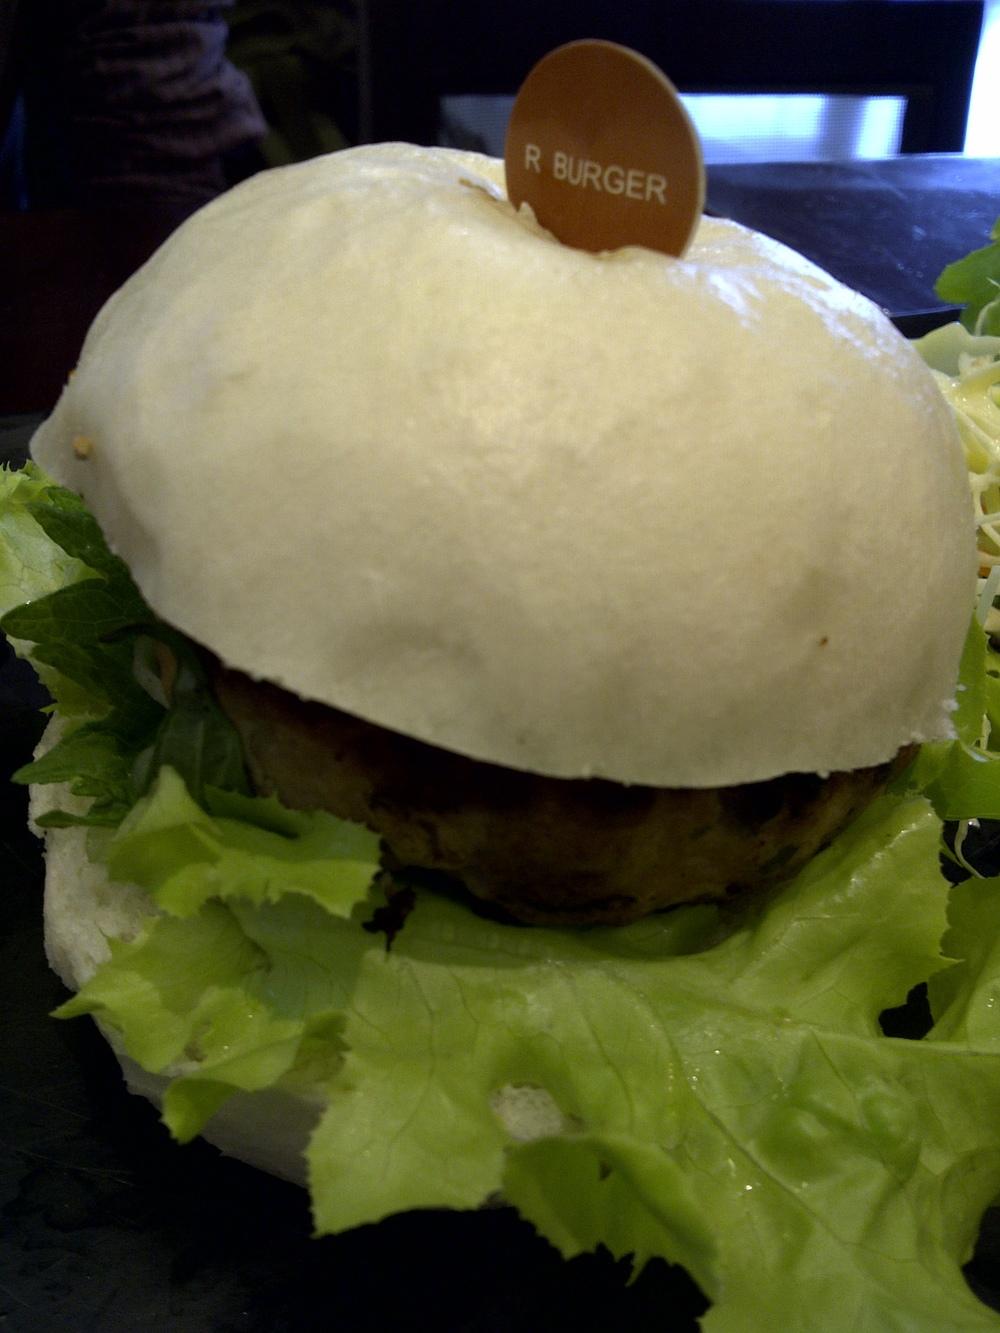 R Burger @ BKK Airport